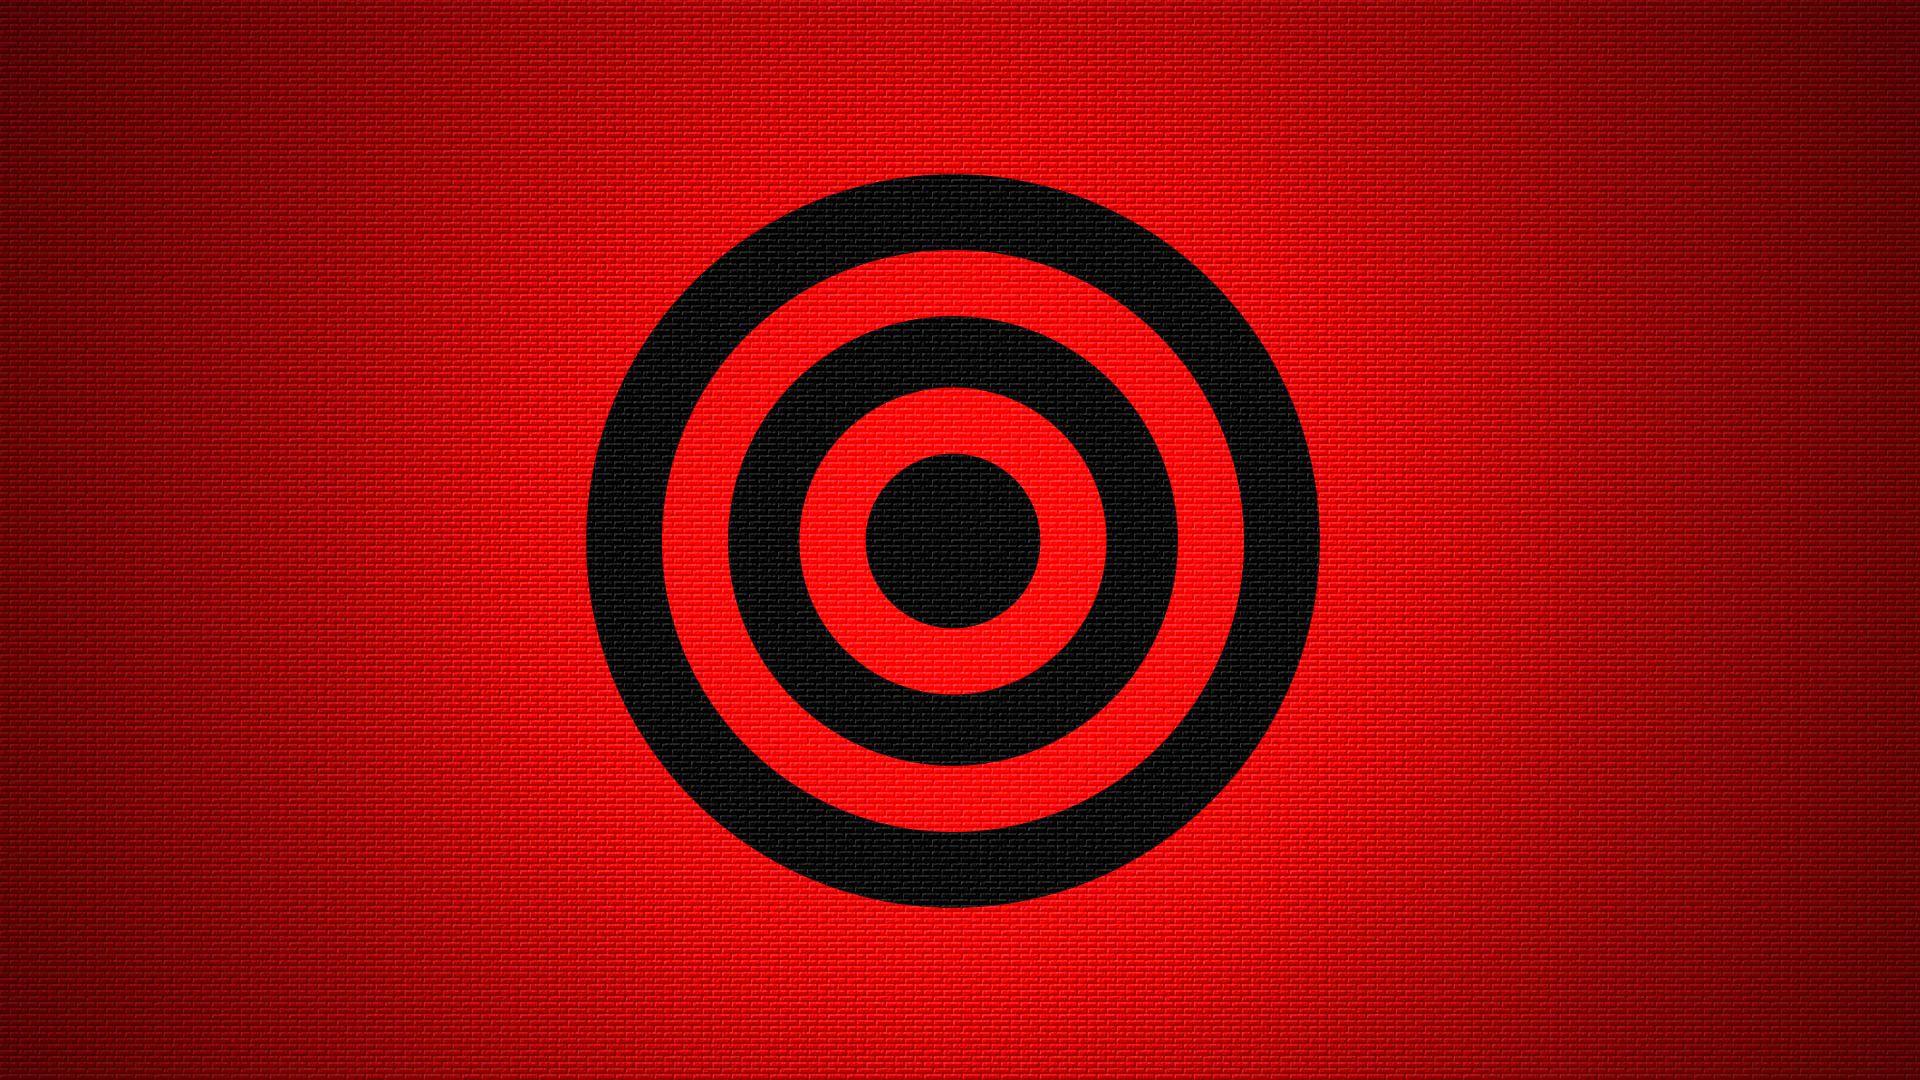 Red Black Circle